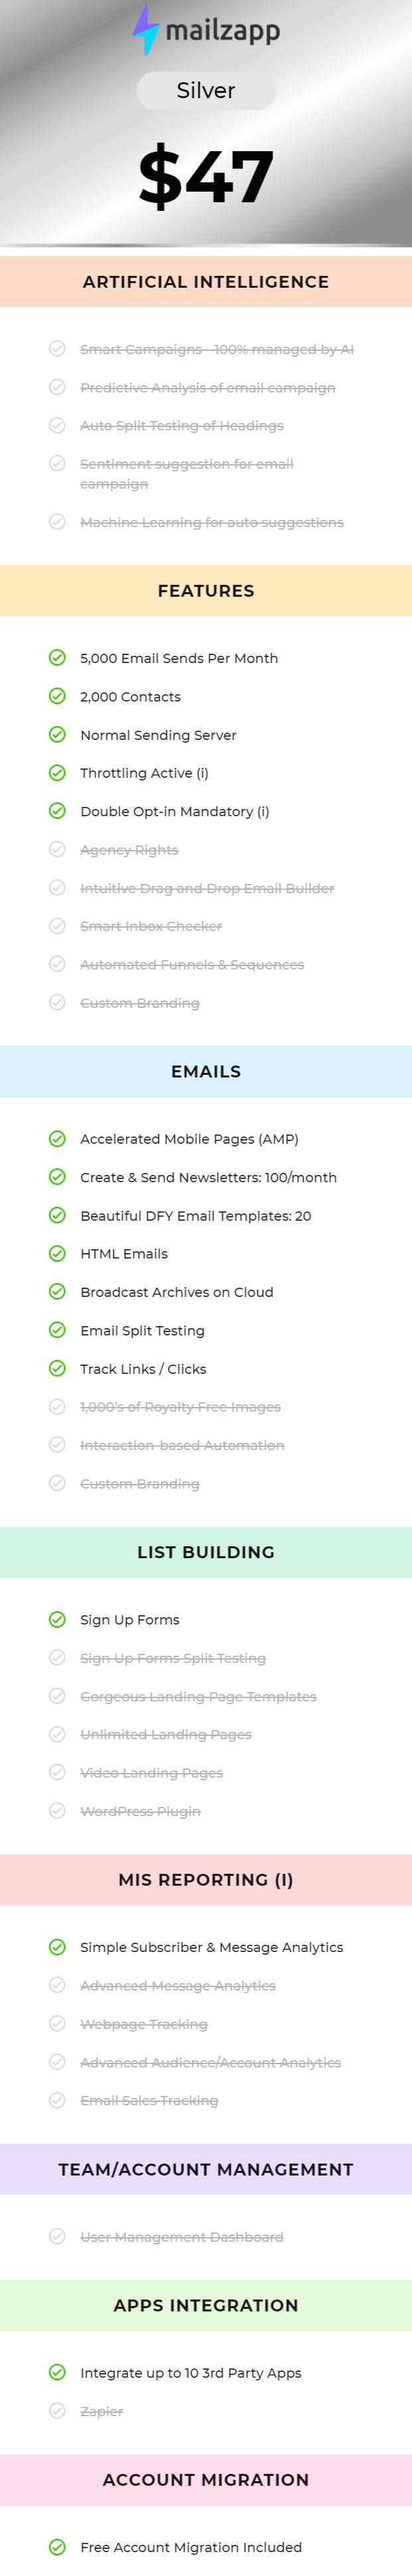 Mailzapp-Price-options